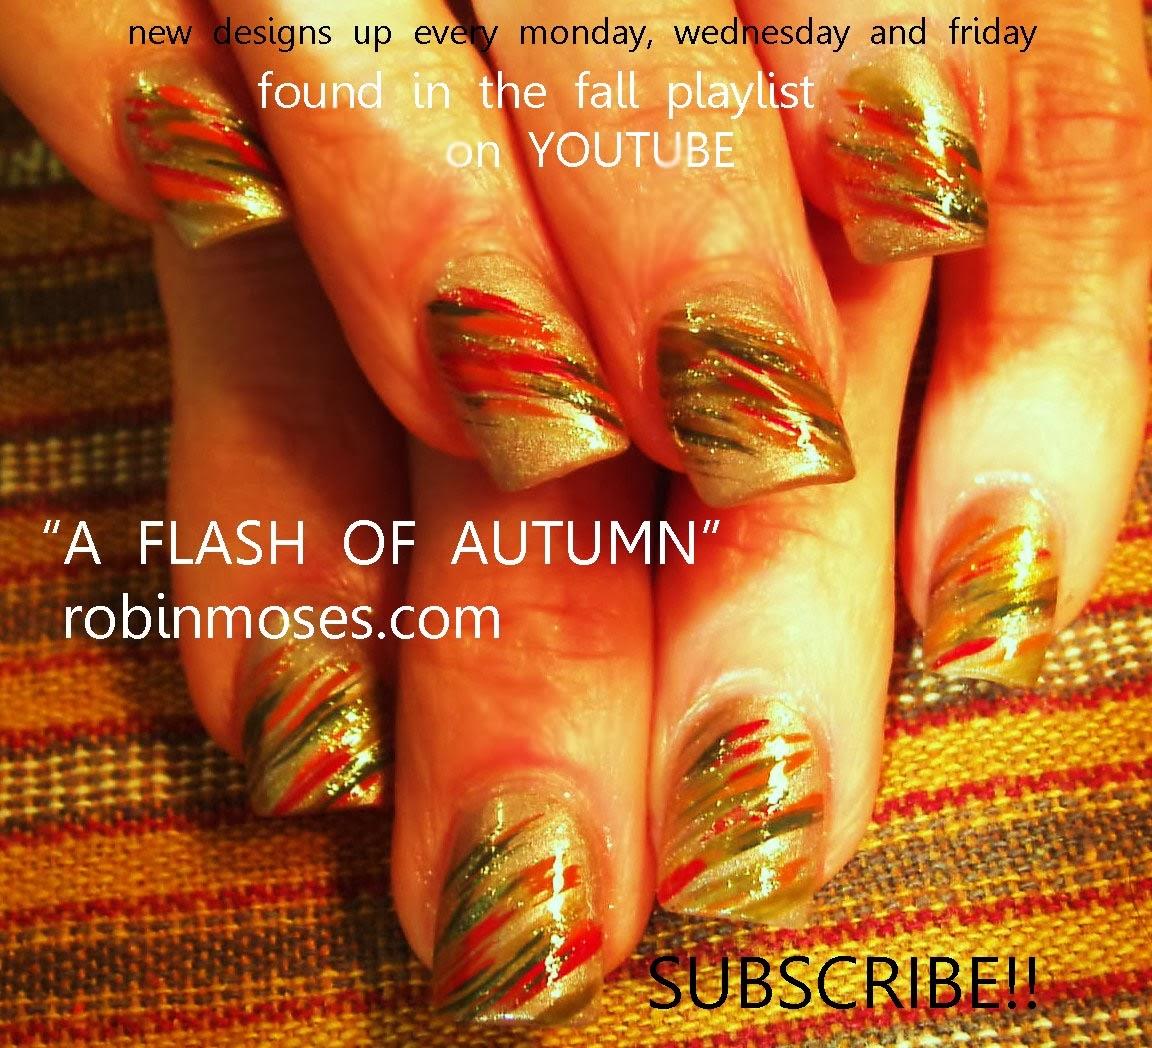 Robin moses nail art nail art fall nail art fall designs pretty fall nail art prinsesfo Choice Image